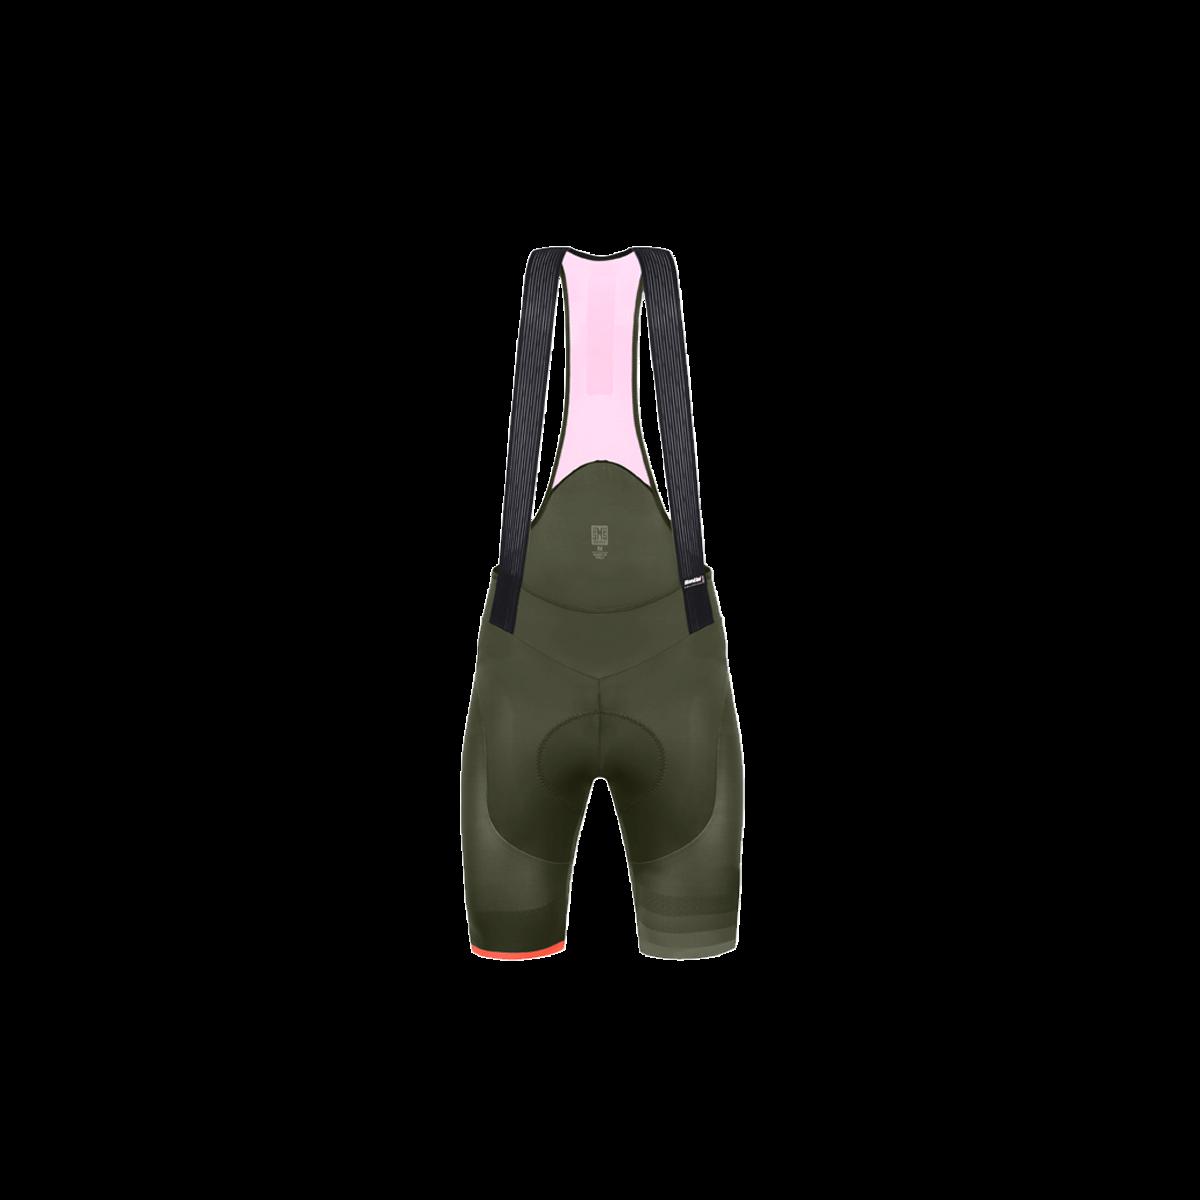 Santini Santini S9 Bib- Shorts TONO Design  L Black